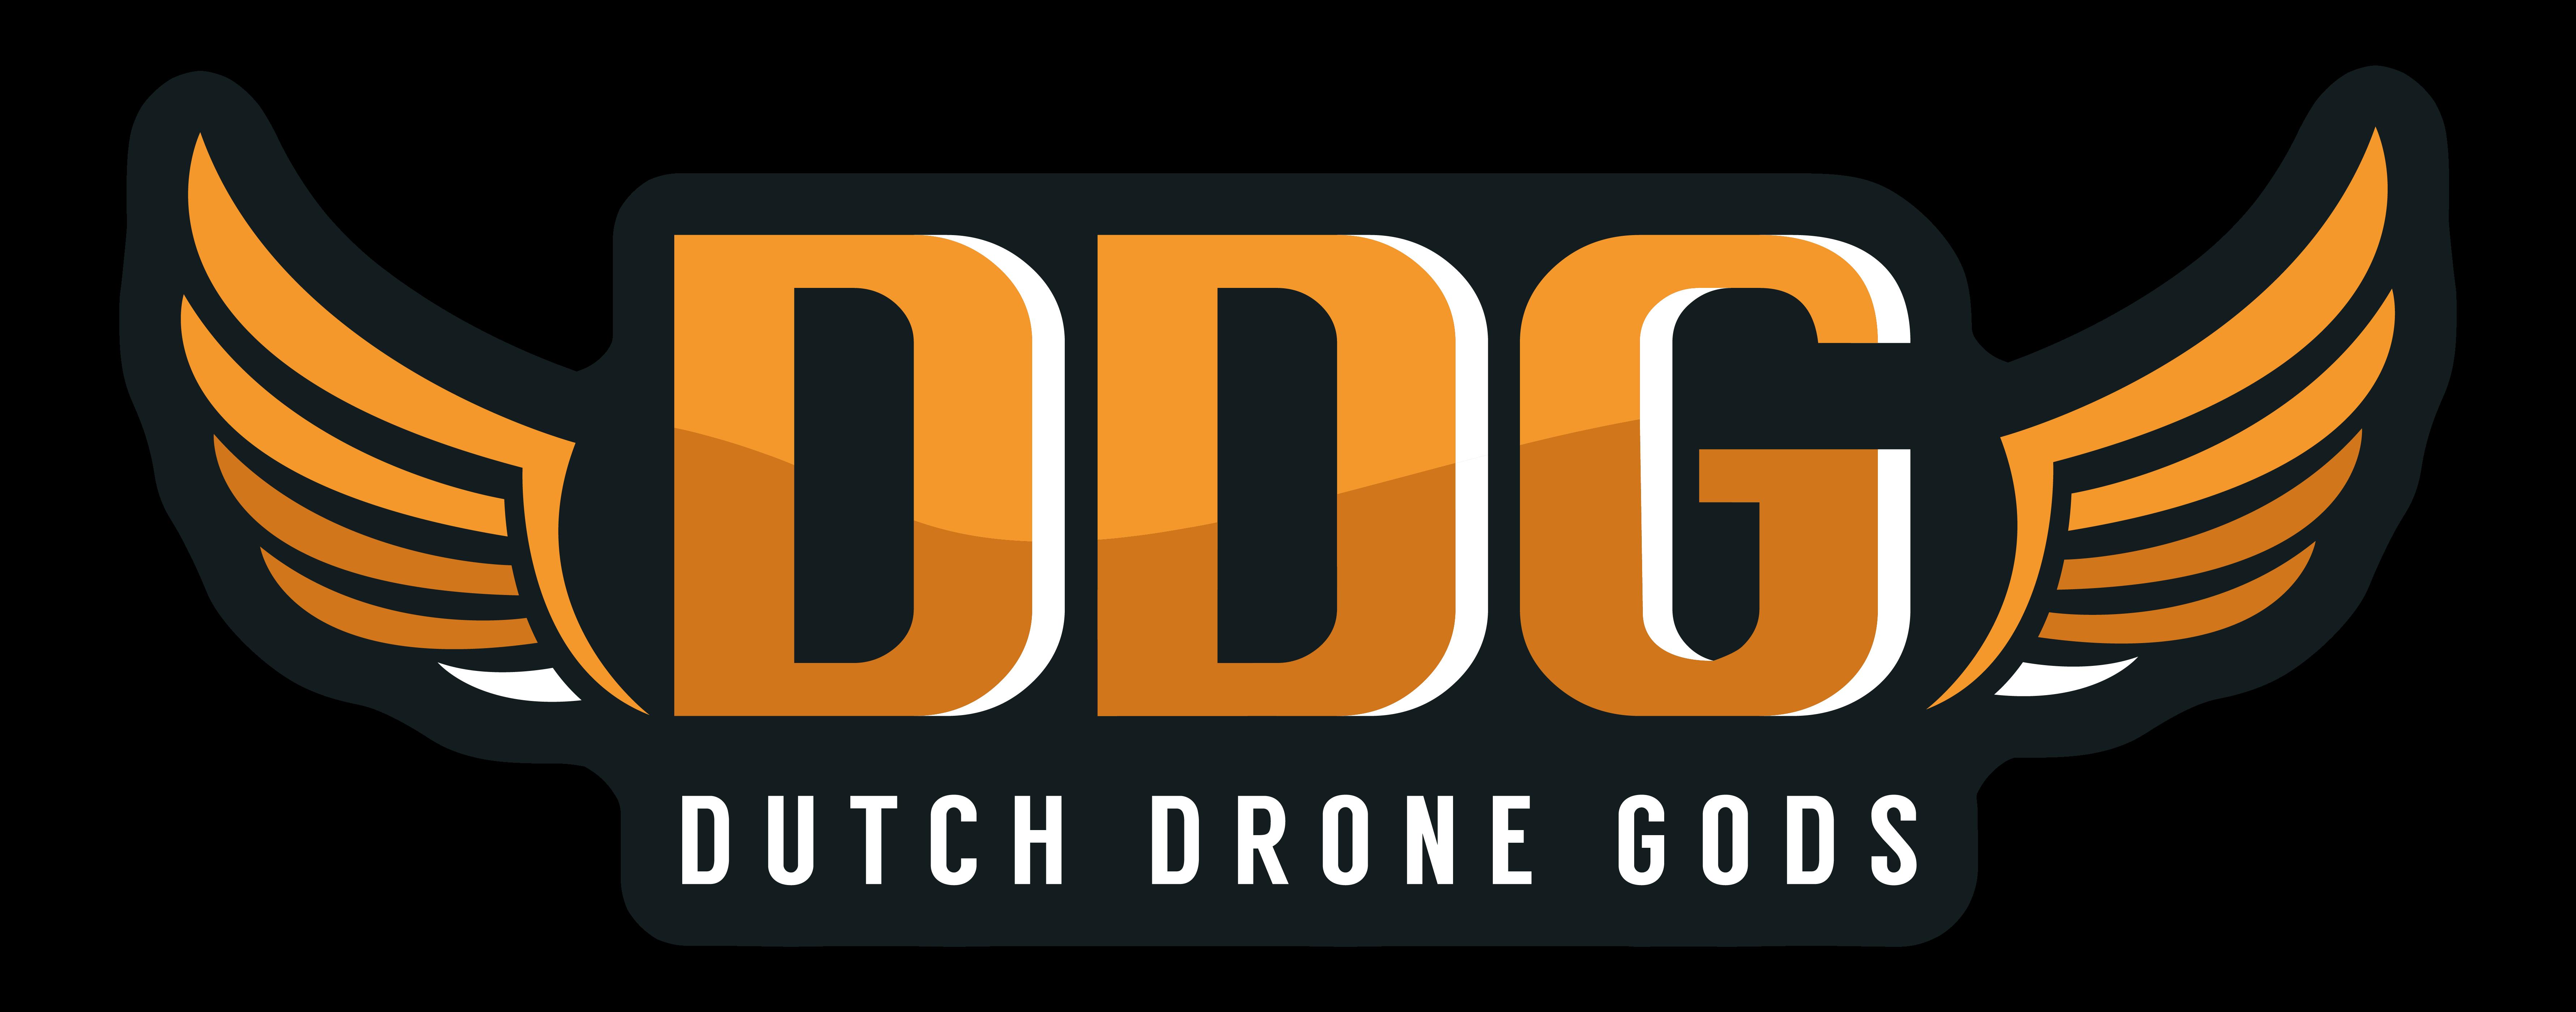 Dutch Drone Gods Logo